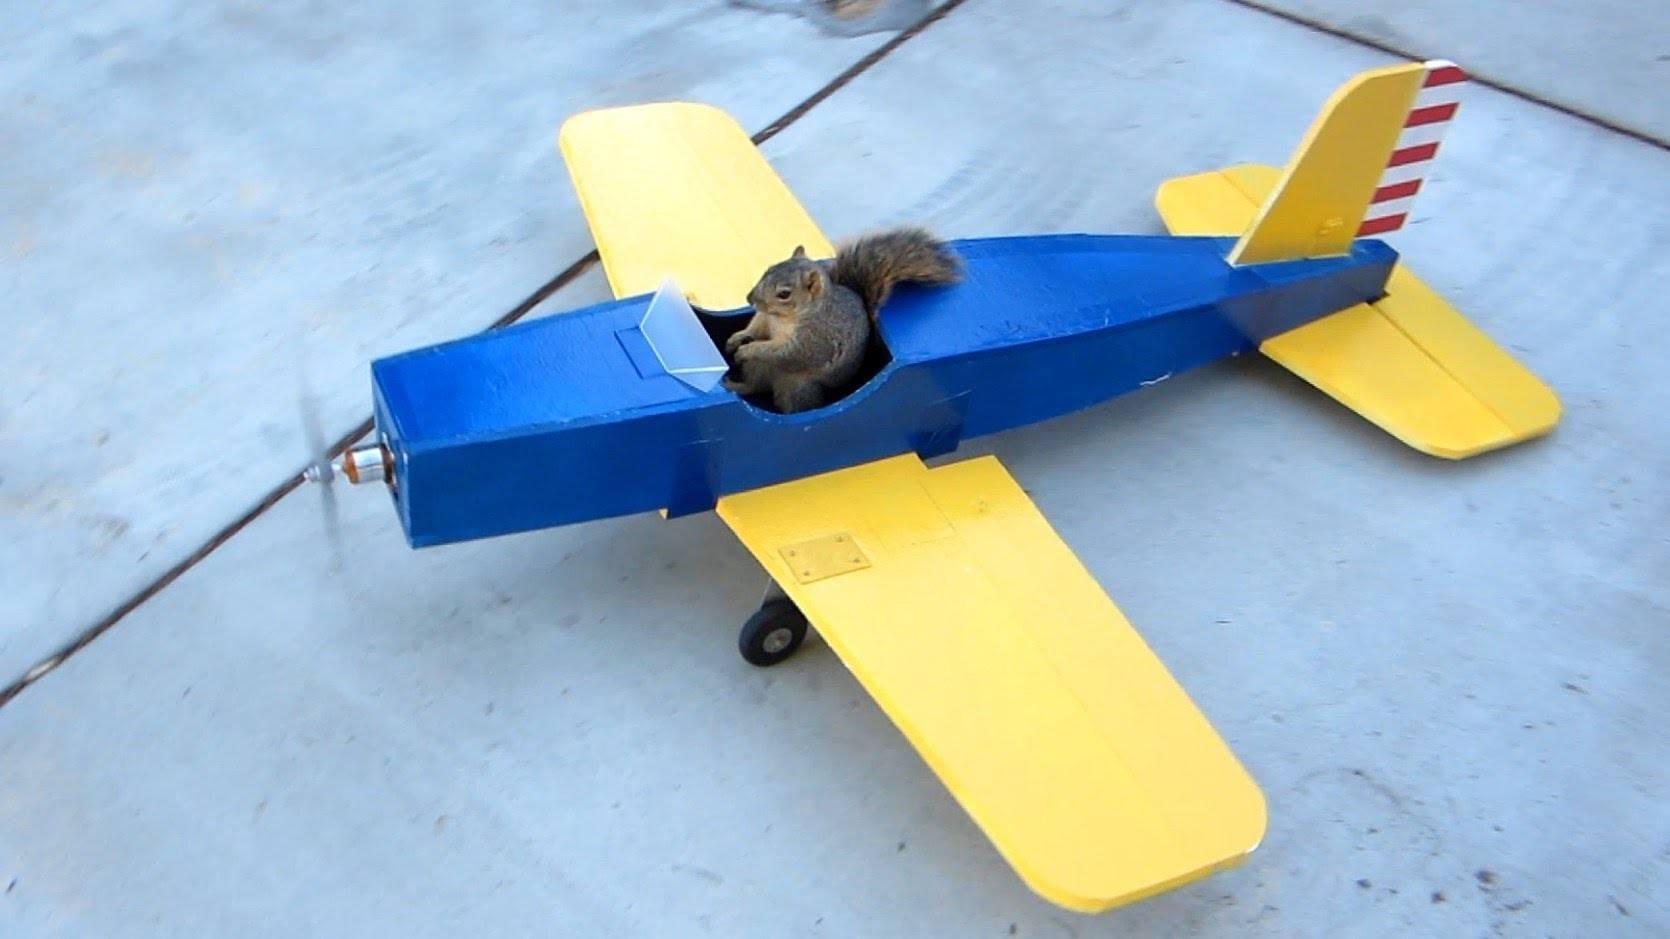 Squirrel Steals Model Airplane